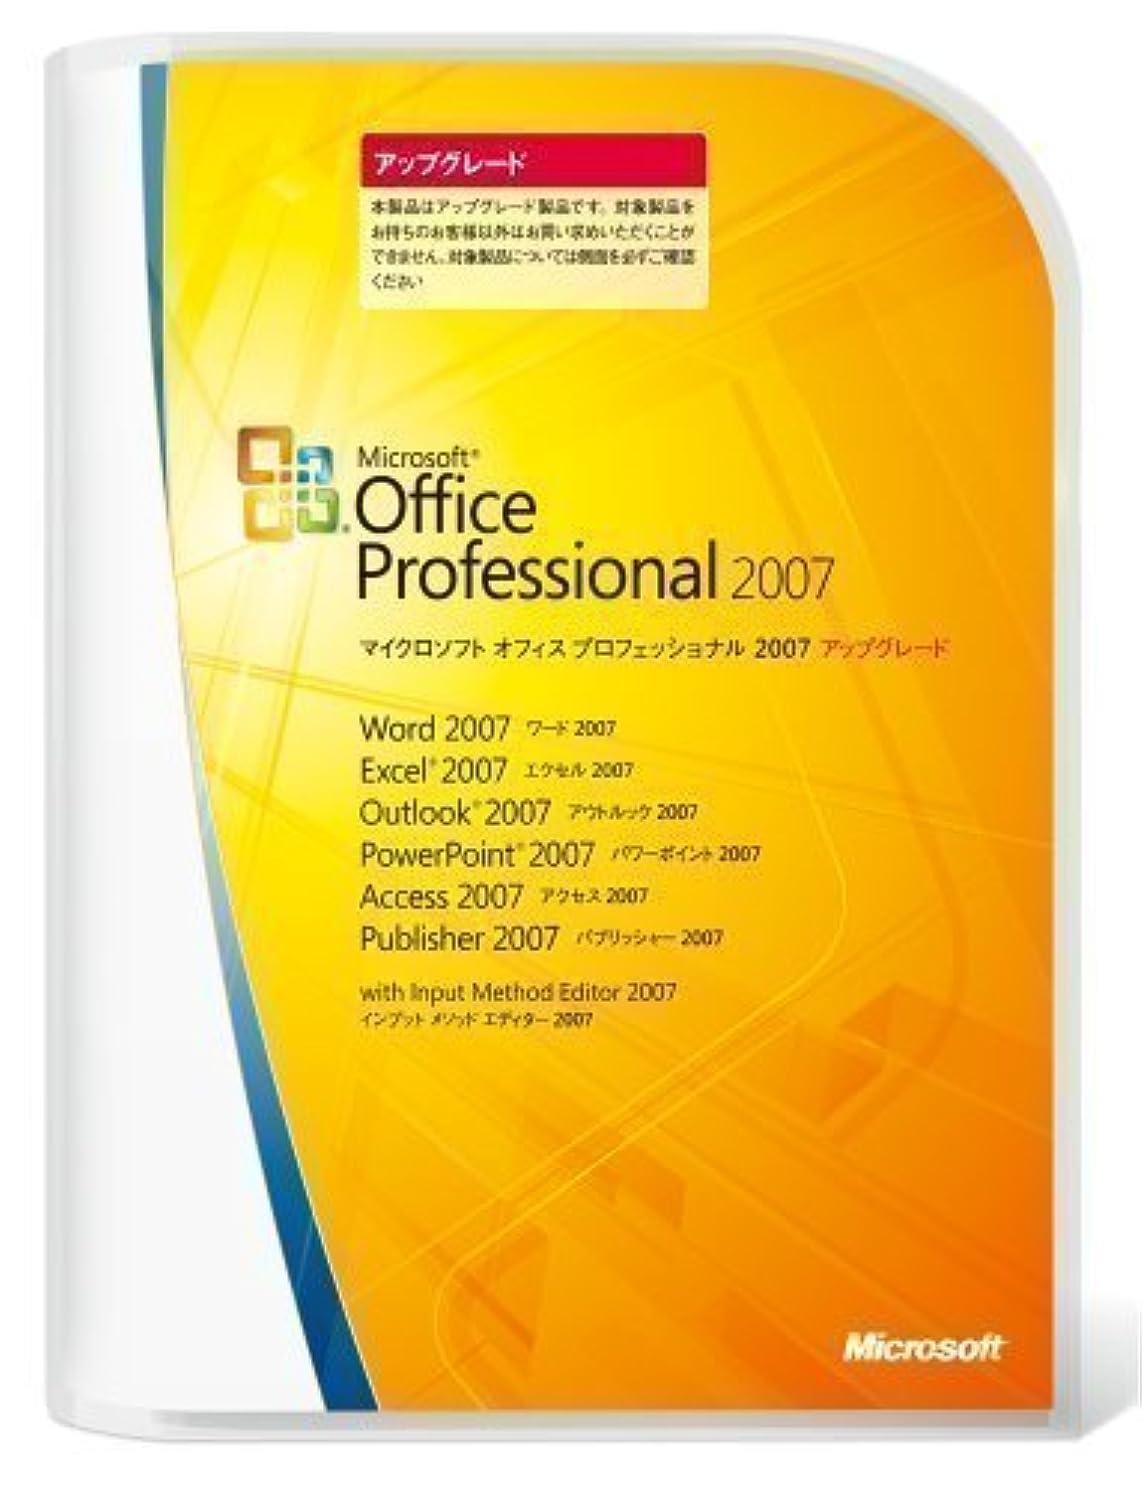 手つかずのランデブーファンド【旧商品/メーカー出荷終了/サポート終了】Microsoft  Office 2007 Professional アップグレード